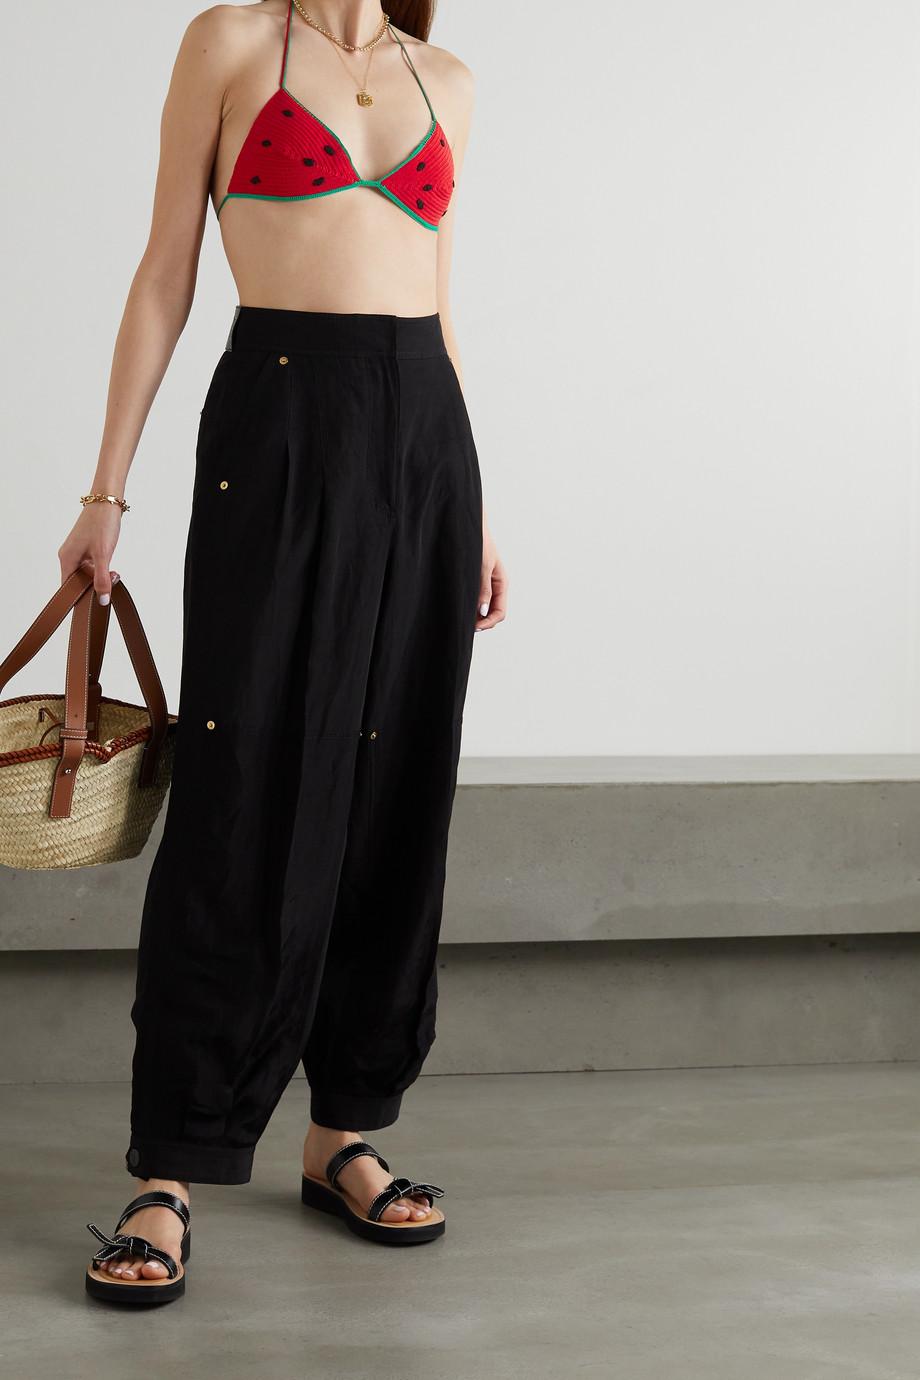 Loewe + Paula's Ibiza crocheted cotton triangle bikini top